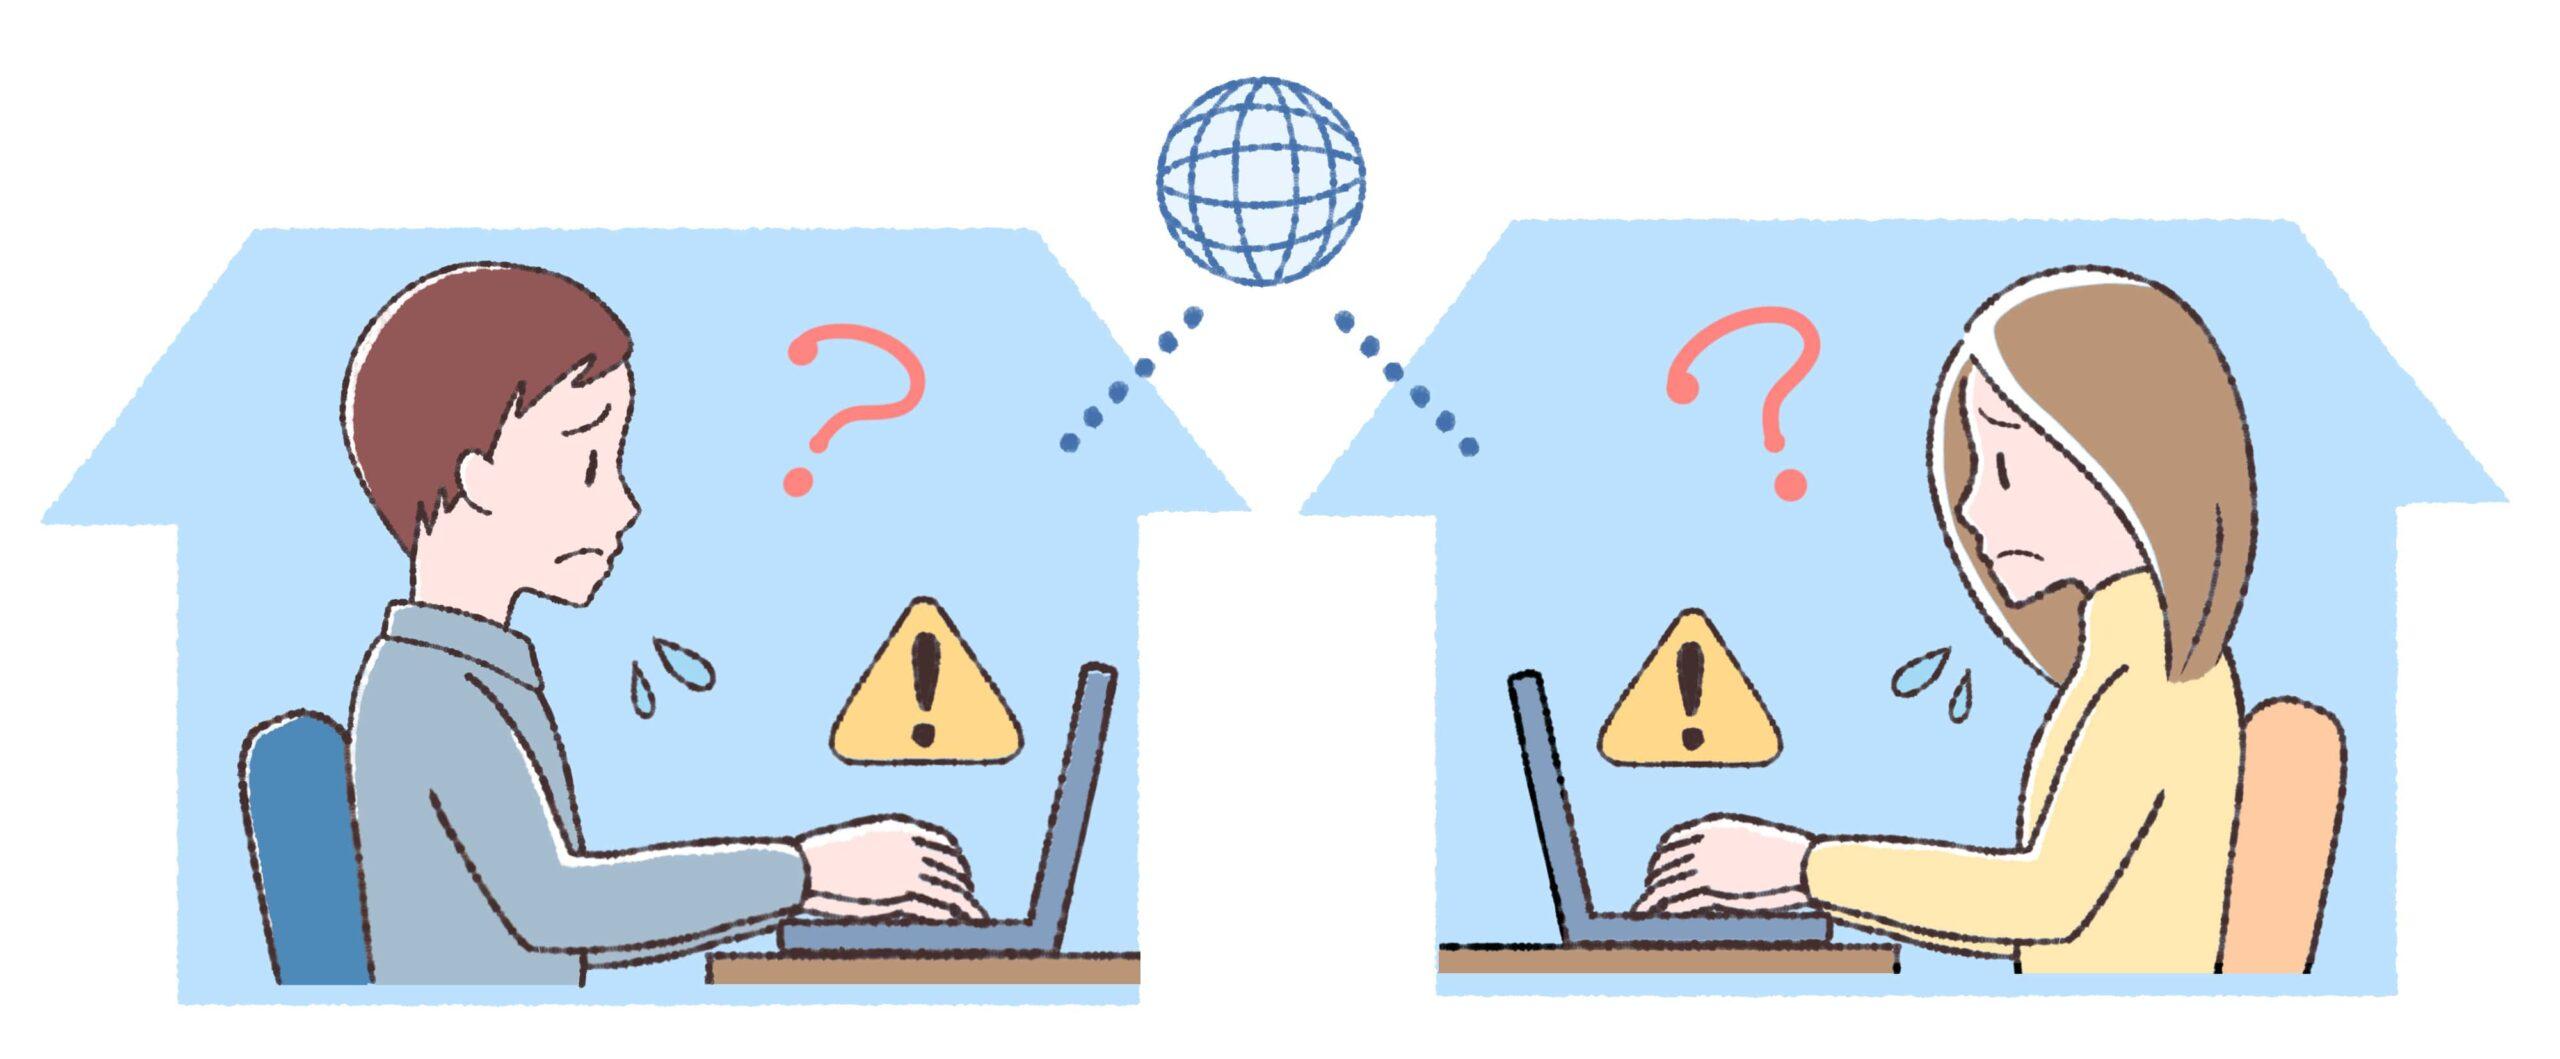 ネット環境が悪いイメージ